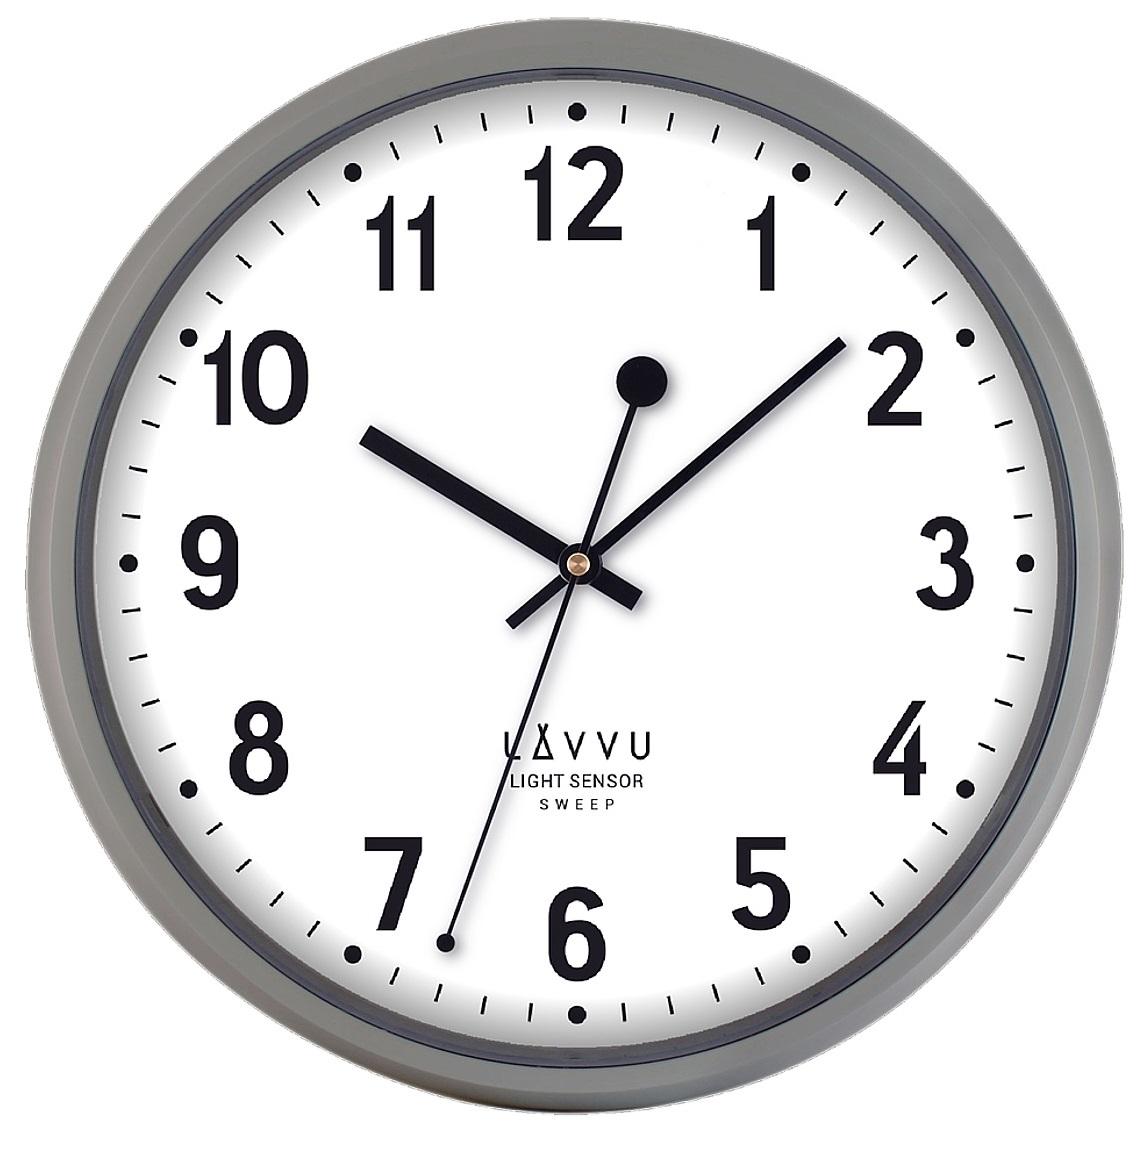 Tiché svítící šedé metalické hodiny LAVVU LIGHT SENSOR Metallic Grey LCS2011 (se senzorem podsvícení)